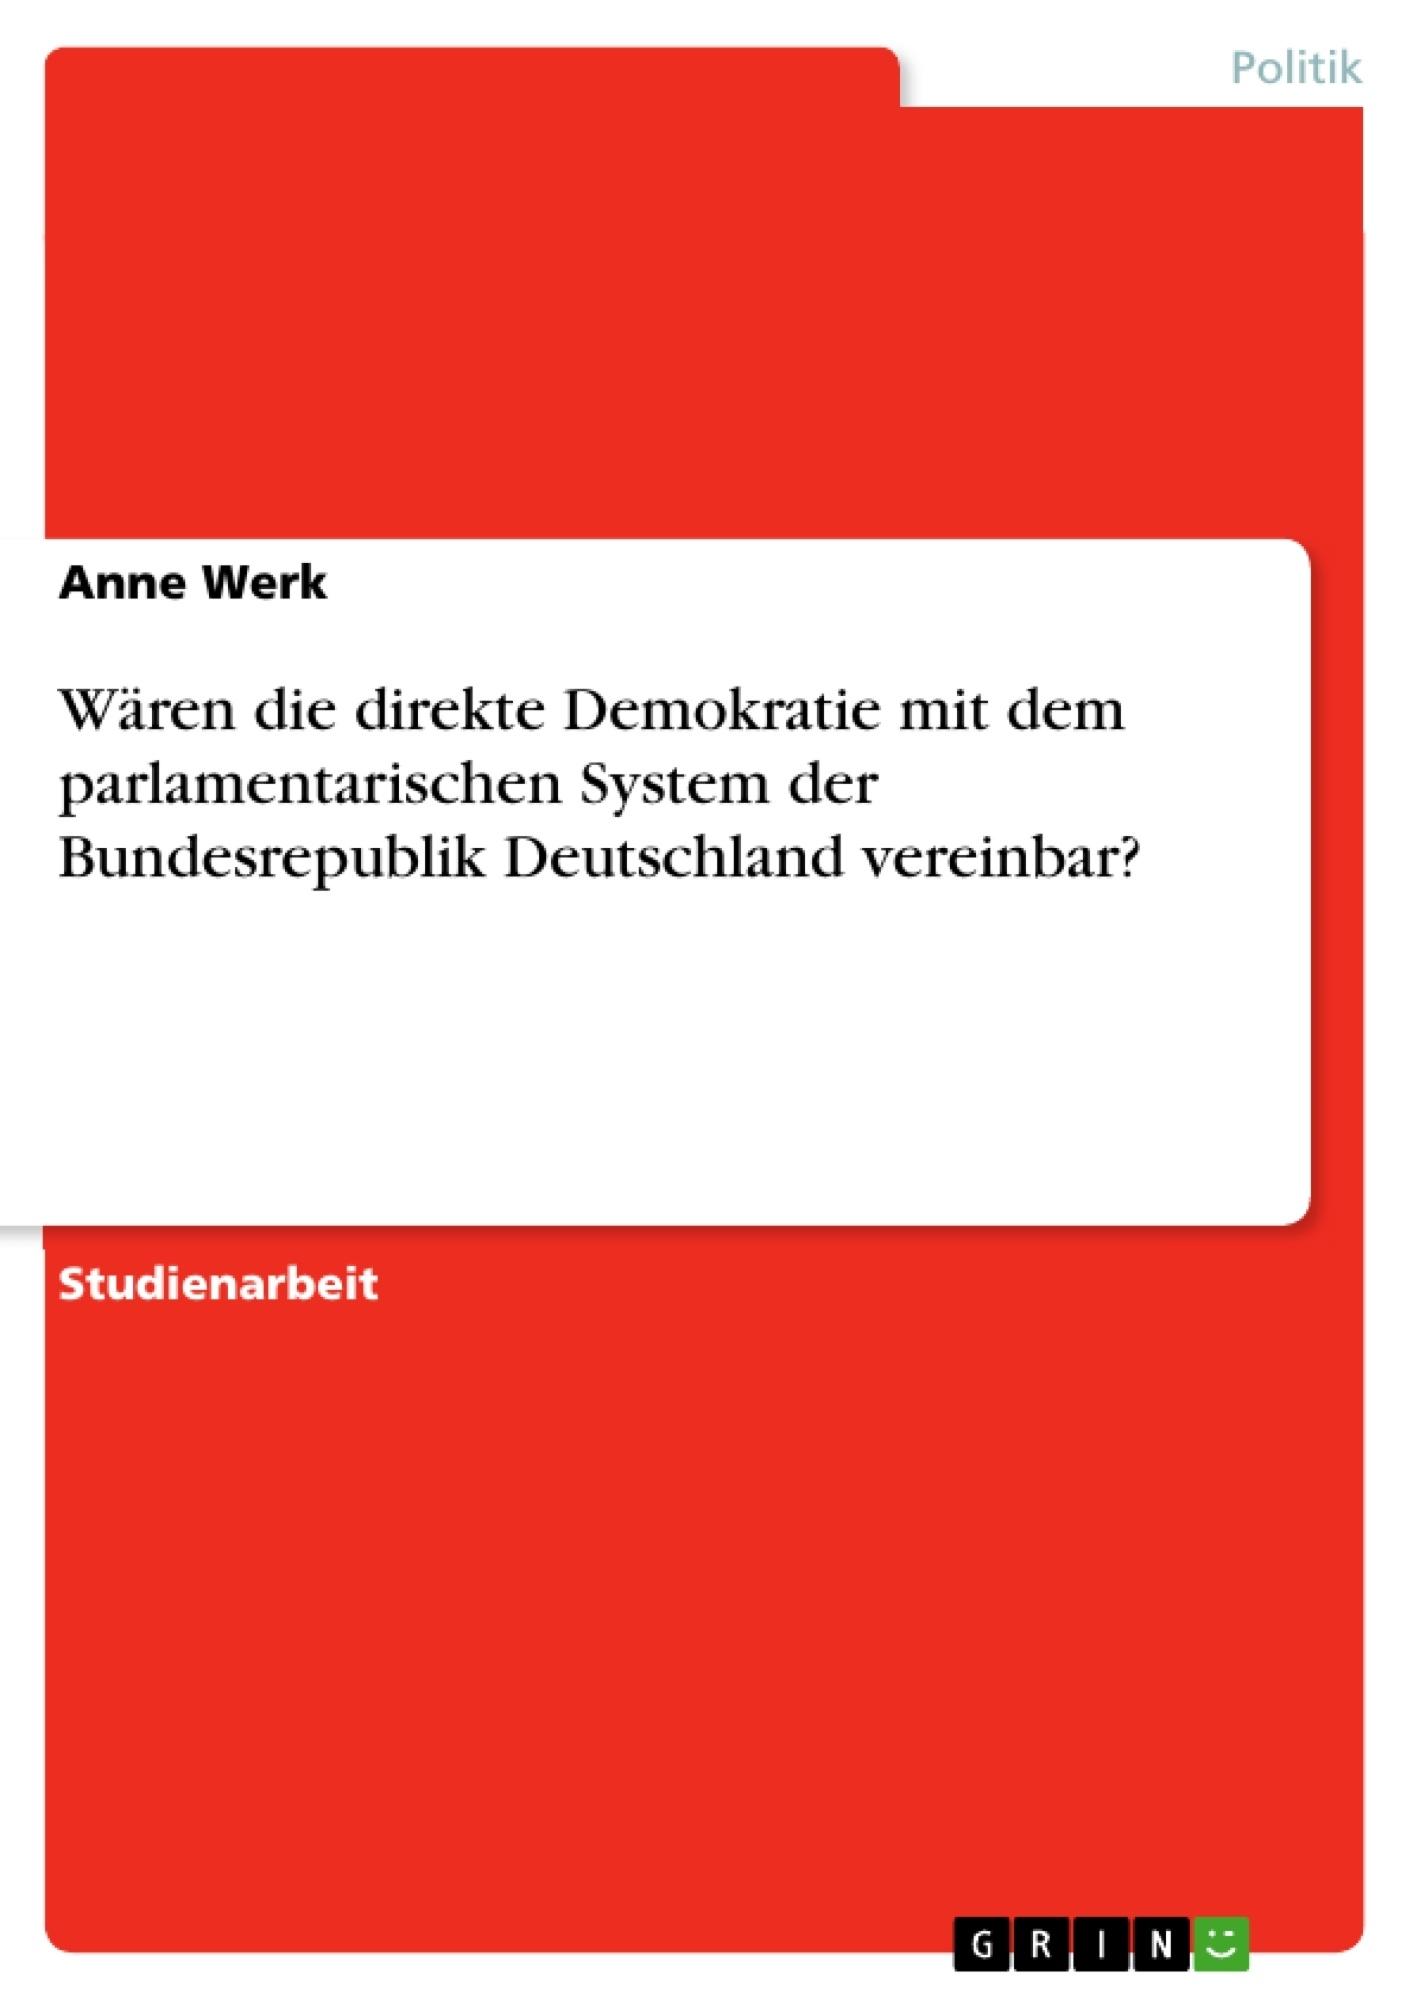 Titel: Wären die direkte Demokratie mit dem parlamentarischen System der Bundesrepublik Deutschland vereinbar?